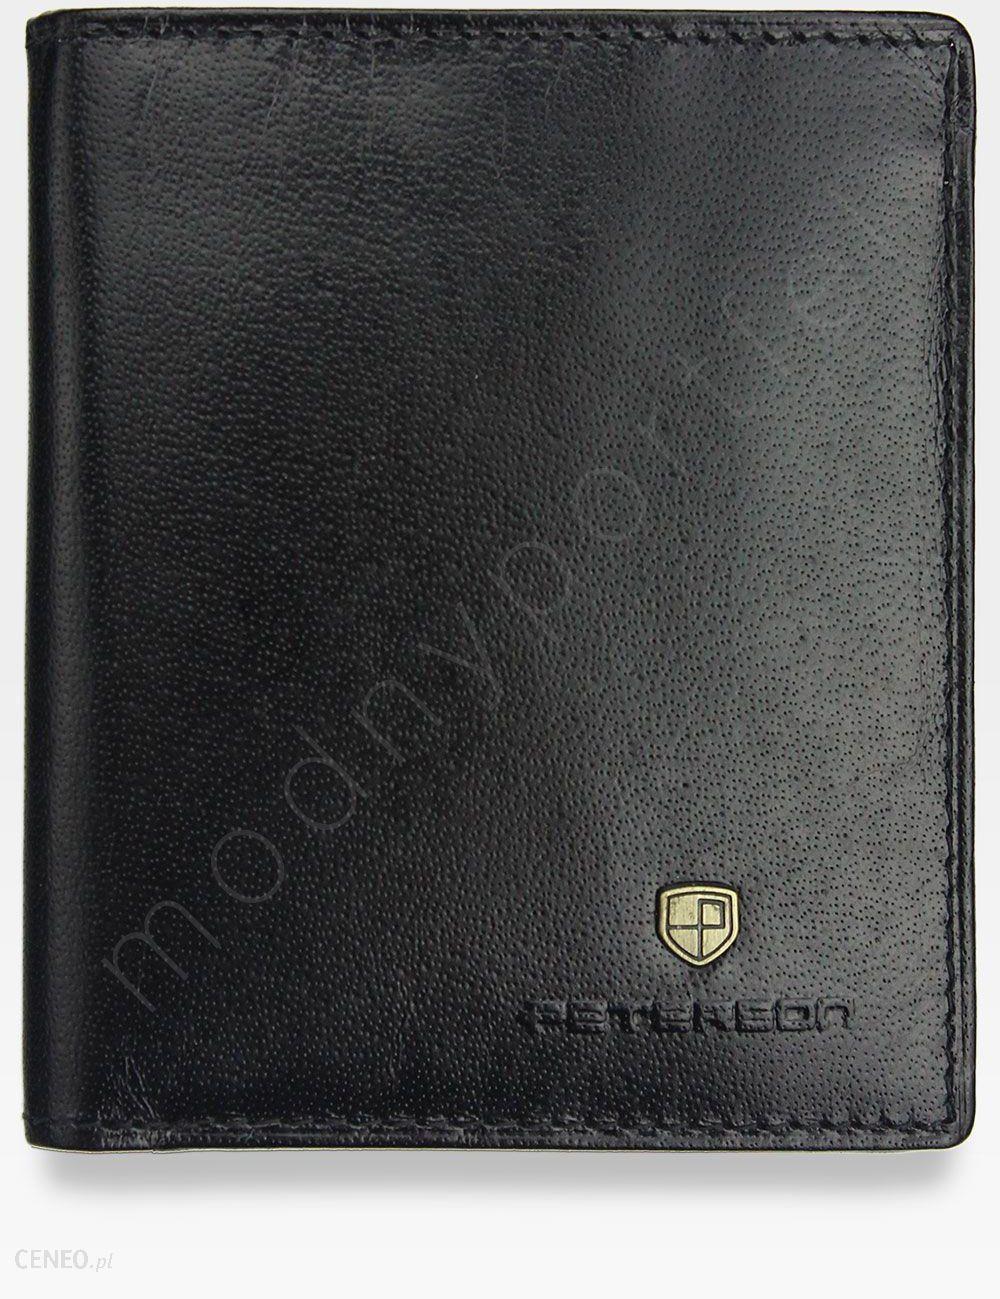 2f08b004a4830 Kompaktowy Portfel Męski Skórzany Peterson Czarny 322 - Czarny - zdjęcie 1